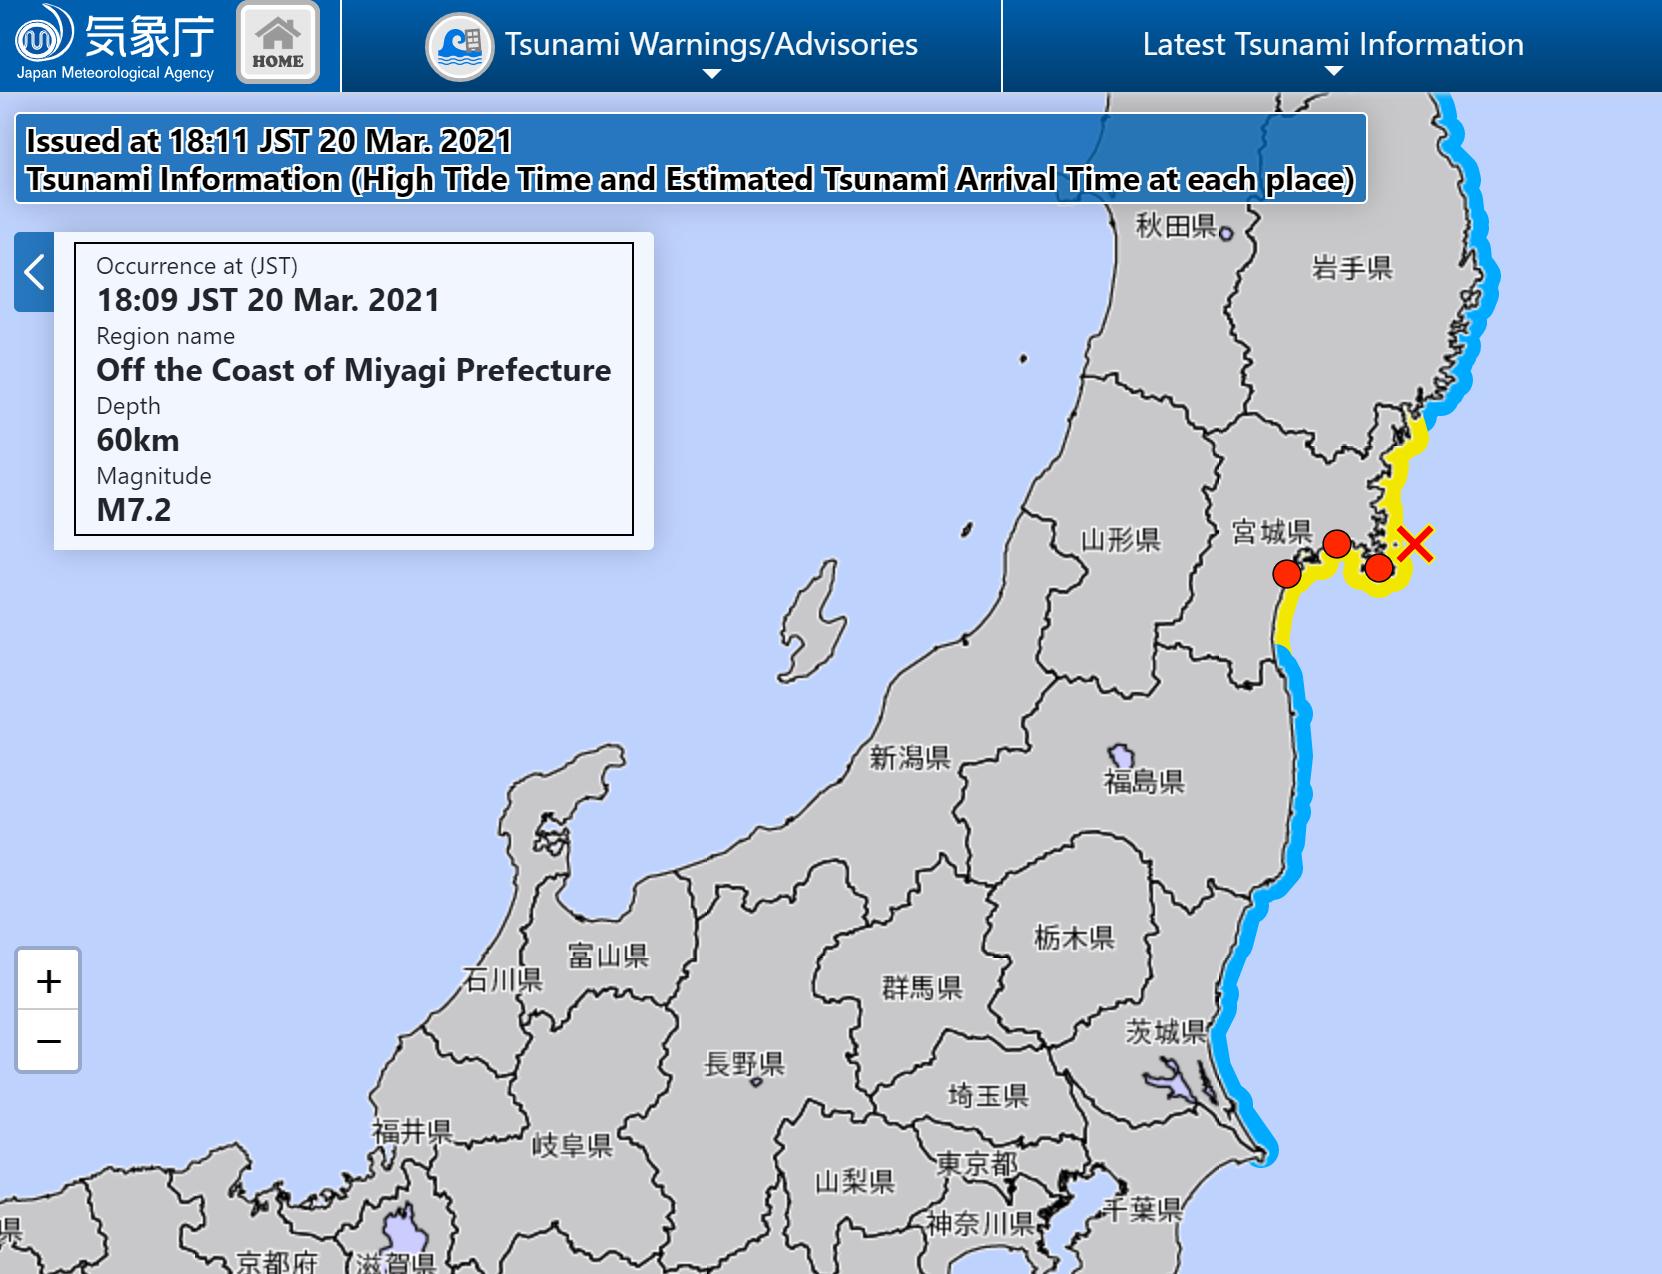 日本宫城县附近海域发生里氏7.2级地震 系近一个月来第二次强震